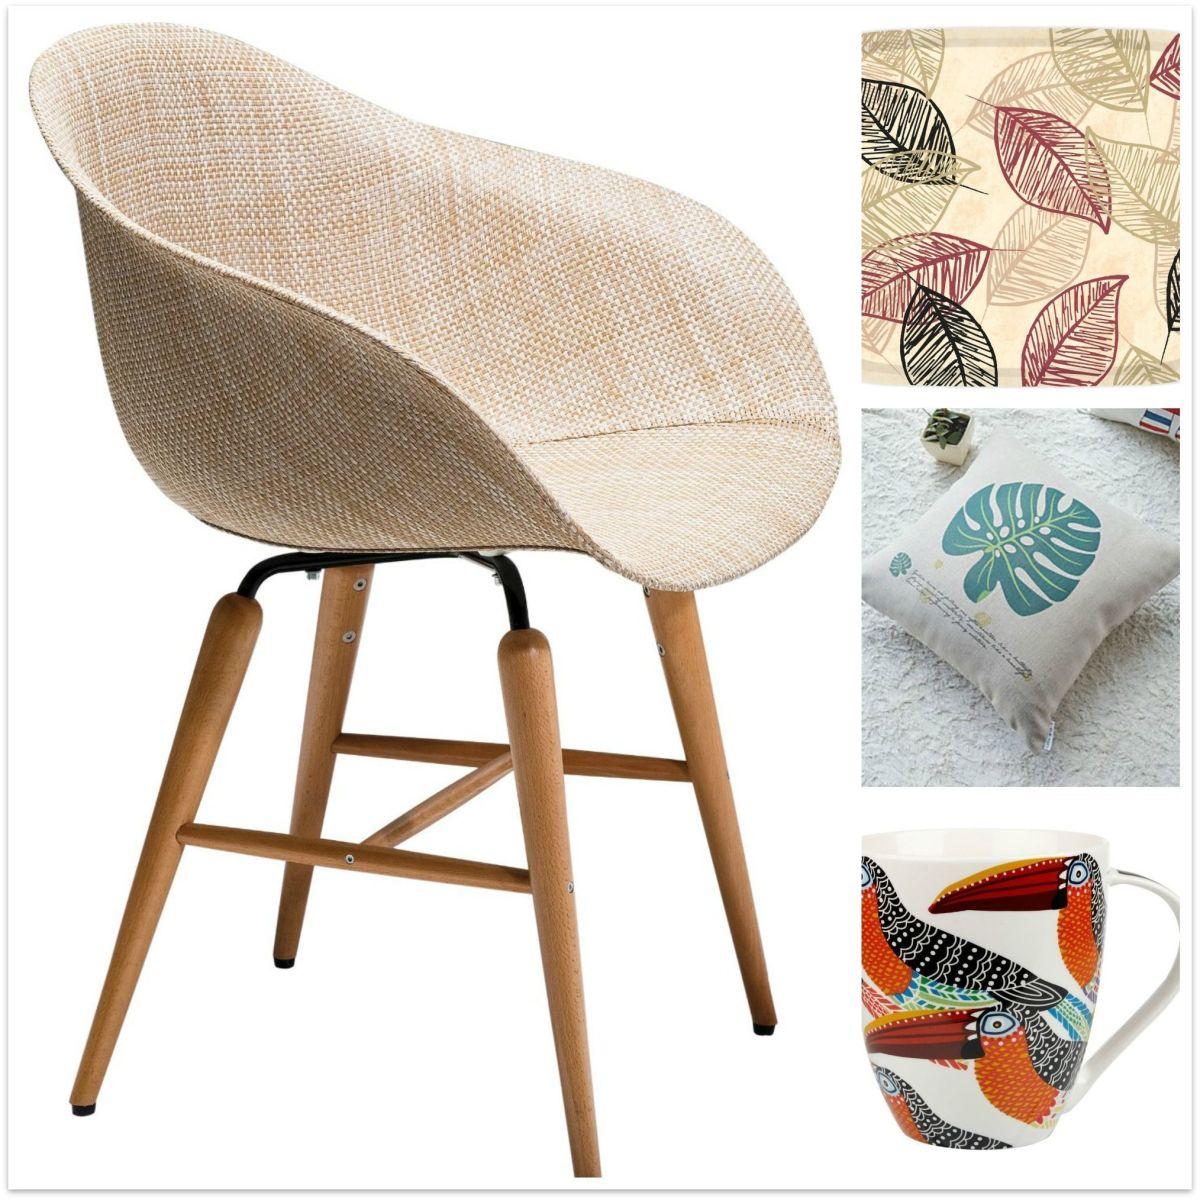 Comprar en Amazon decoración vintage y muebles cómo buscar sin desesperar 4